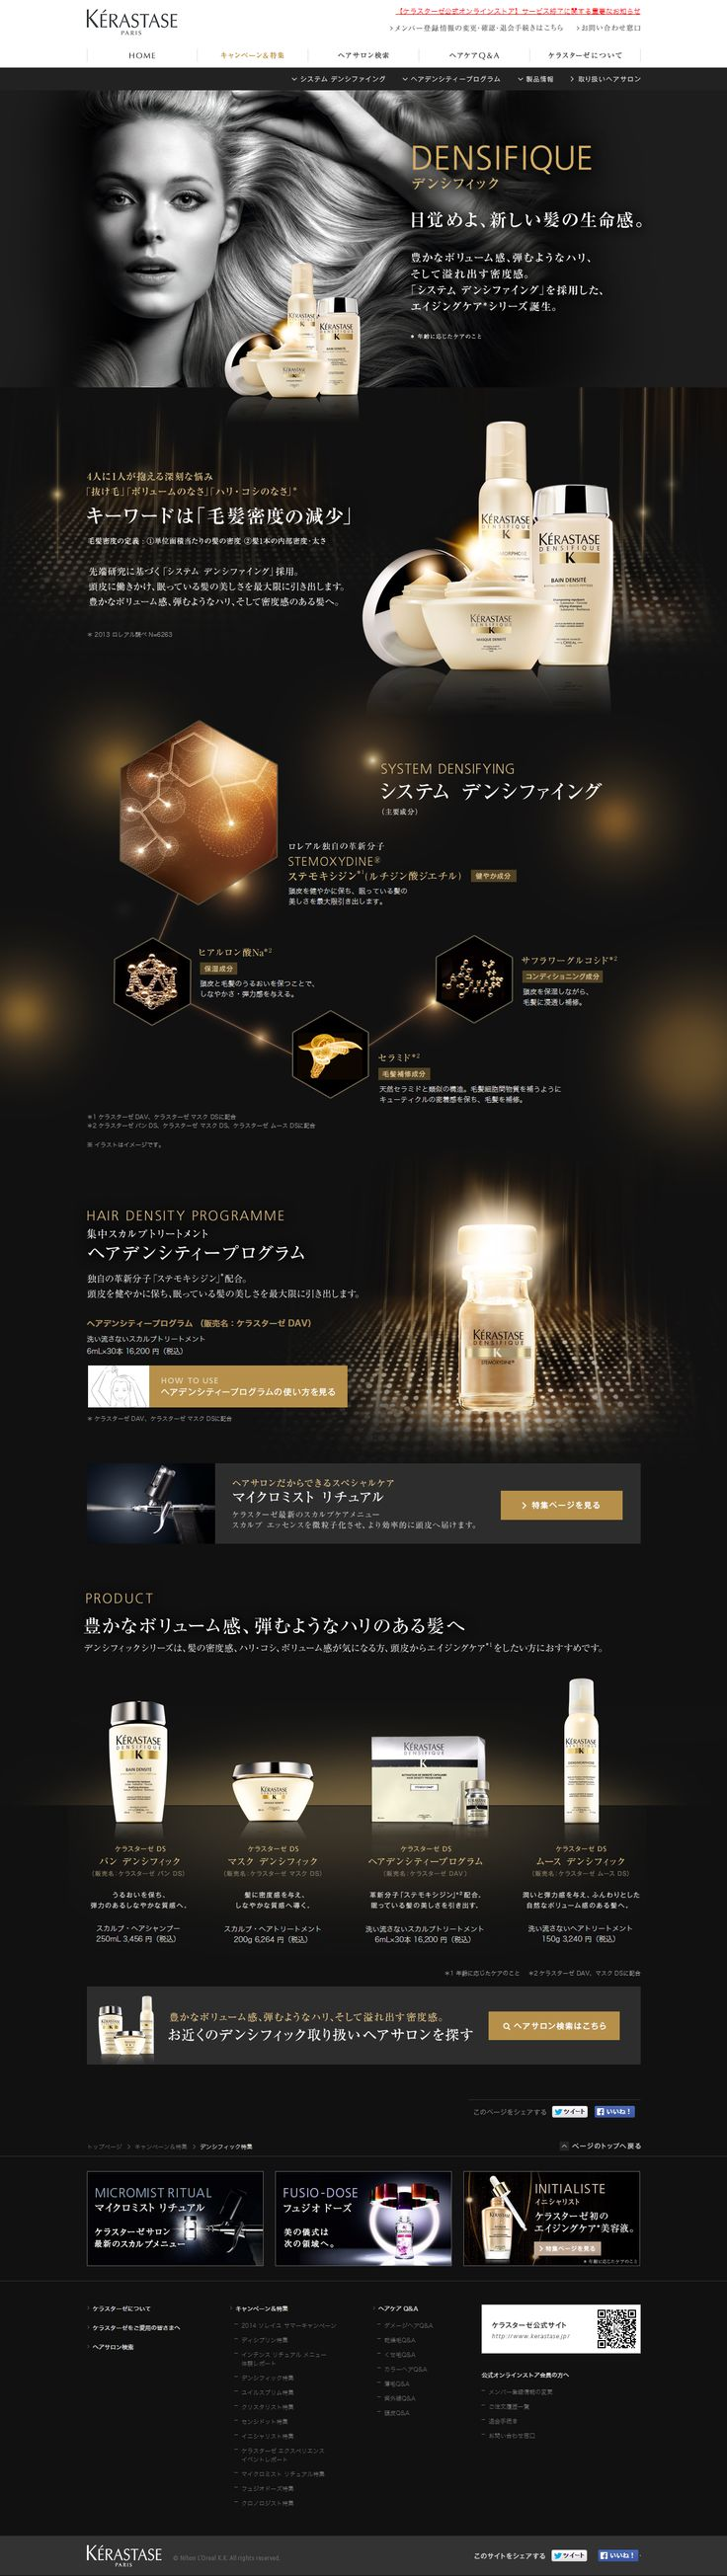 Kerastase webdesign layout